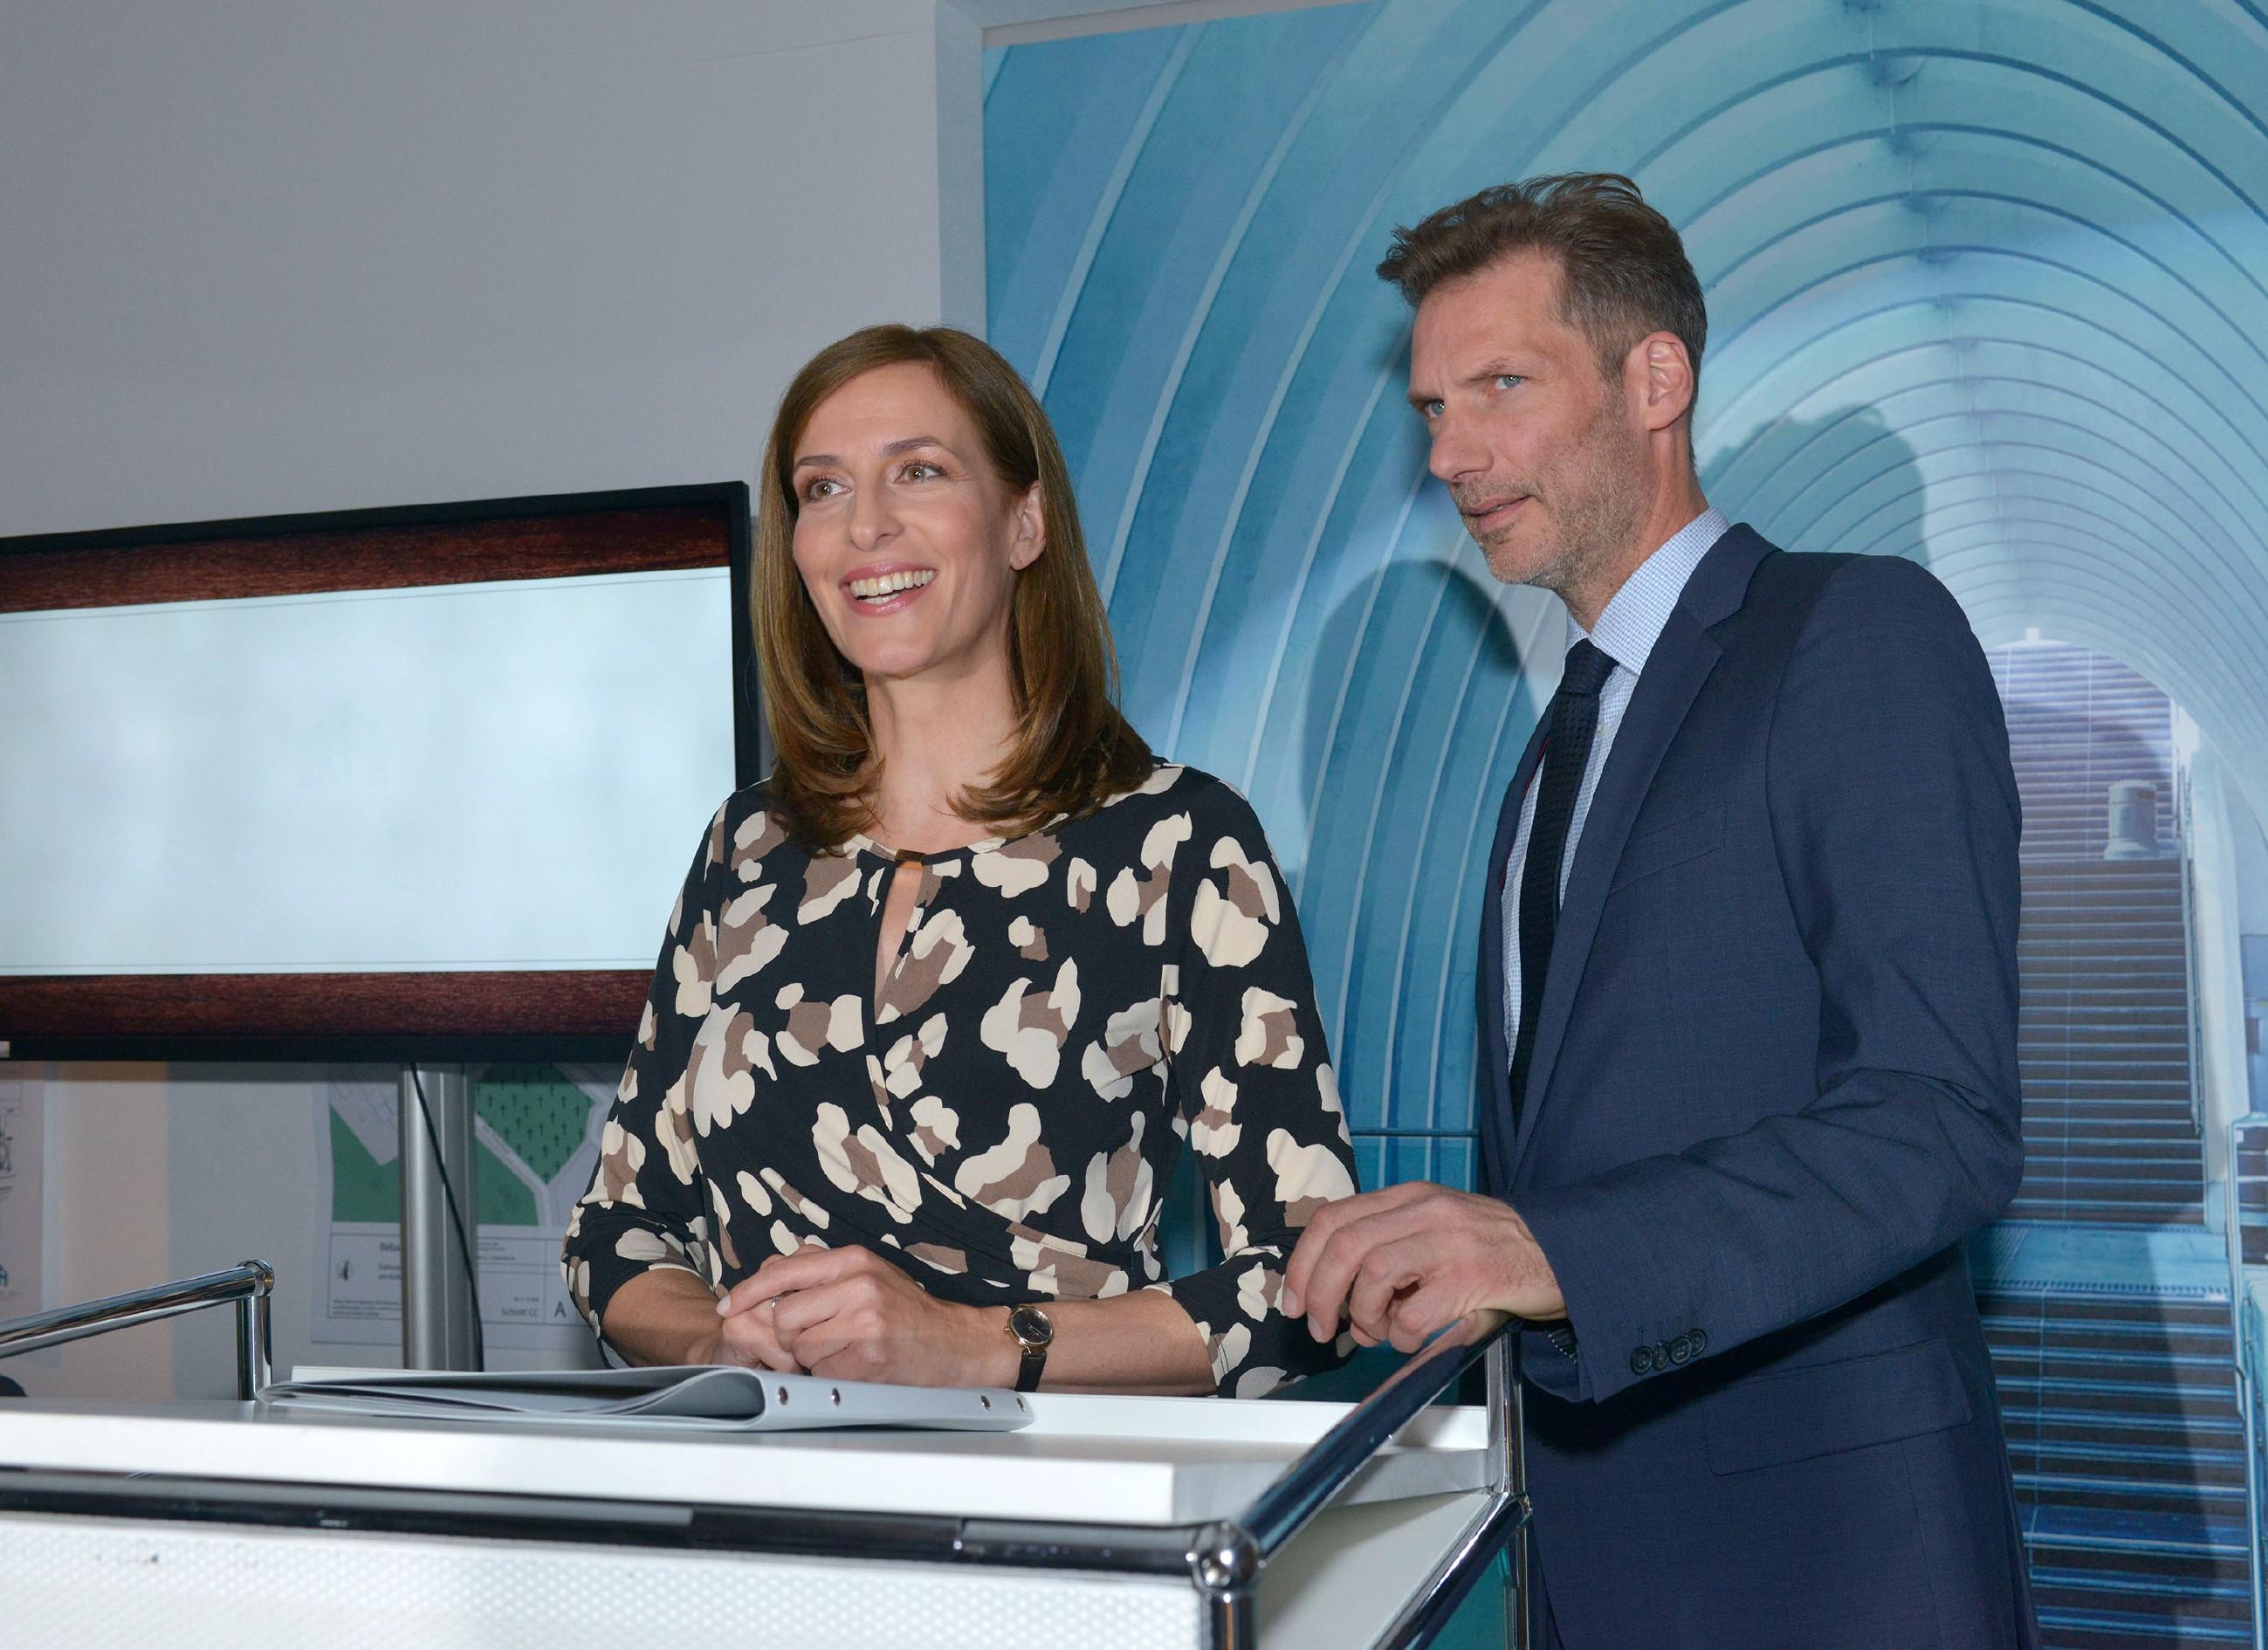 Die Eröffnungsfeier von KFI International beginnt, doch trotz Katrins (Ulrike Frank) Appell kann sich Alexander (Clemens Löhr) nicht dazu durchringen, öffentlich zu lügen... (Quelle: RTL / Rolf Baumgartner)